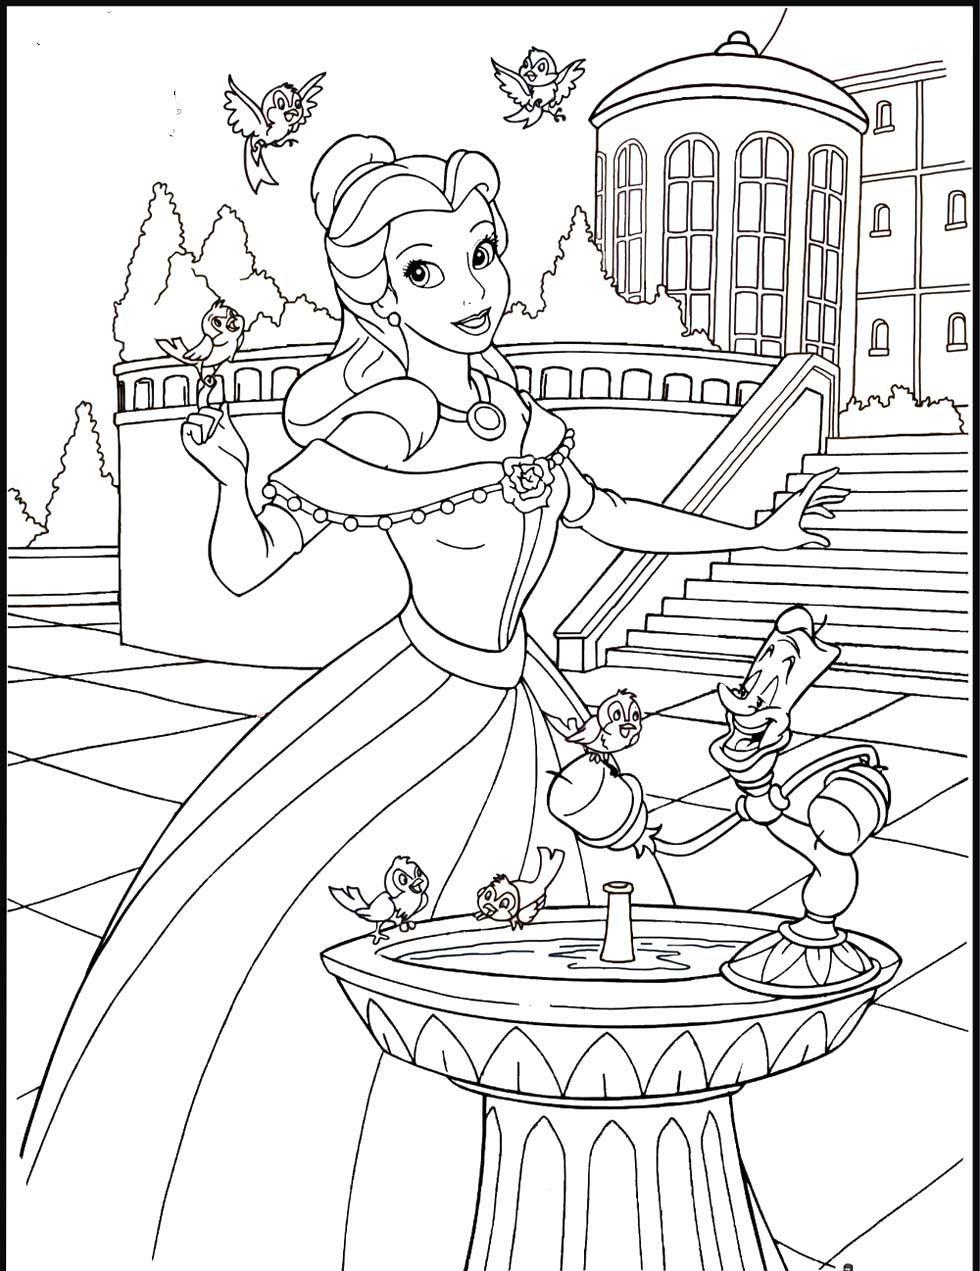 Prinzessinnen und Prinzen - Ausmalbilder für Kinder Malvorlagen